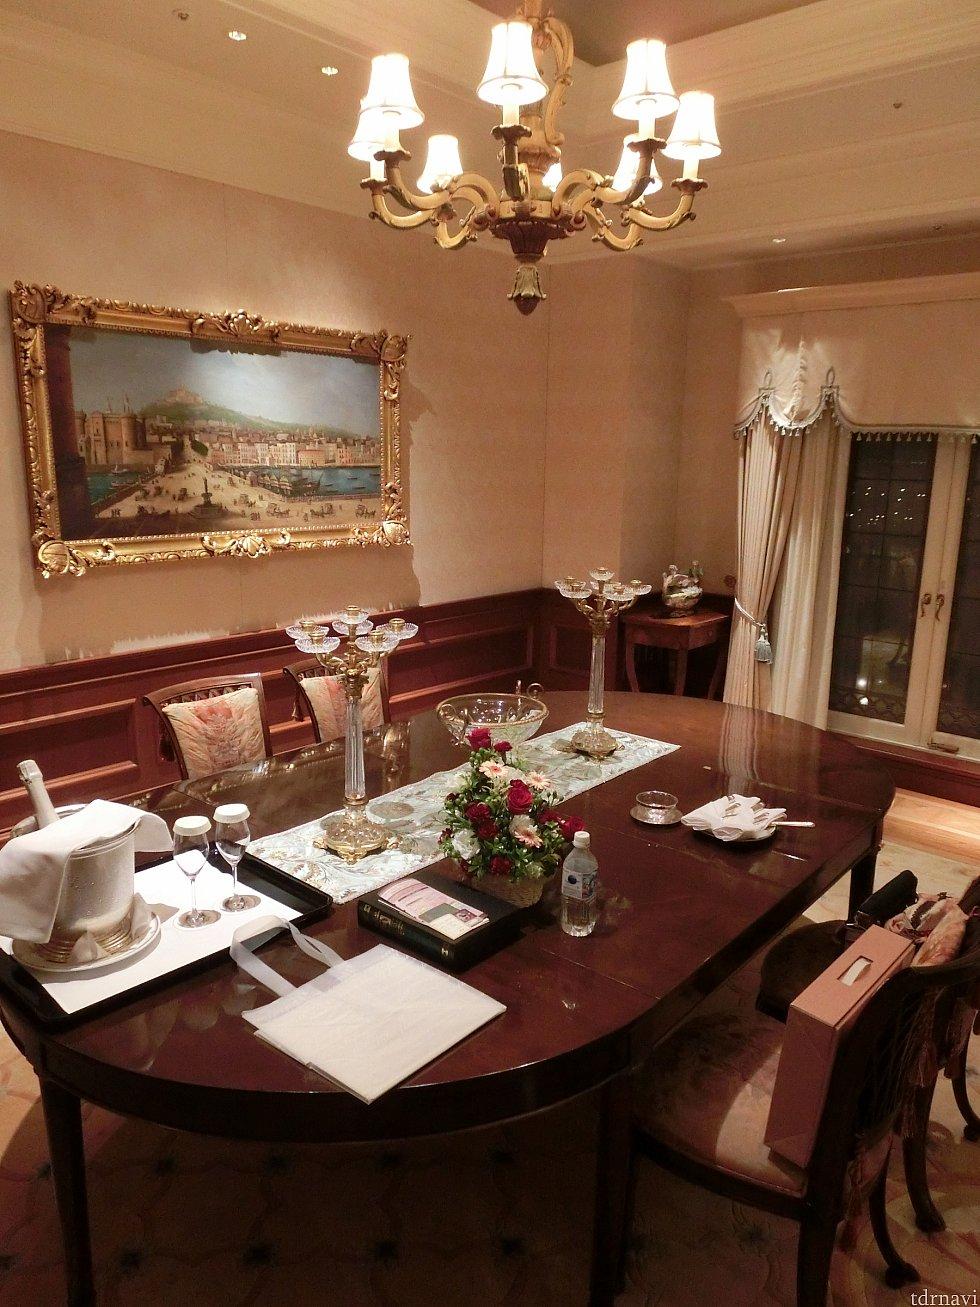 夜のダイニングテーブル。2人部屋なのに椅子が多い!